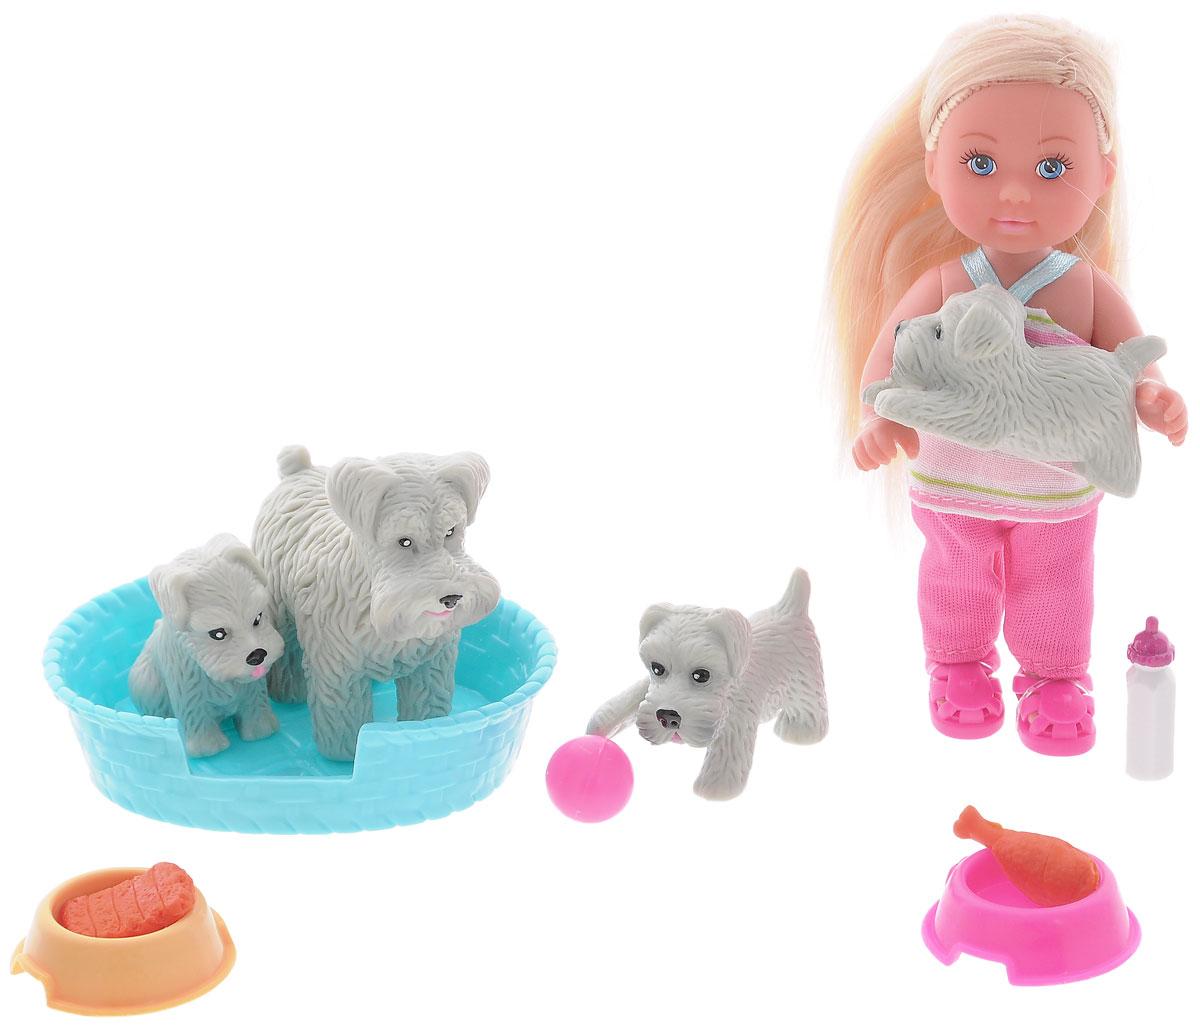 Simba Игровой набор с мини-куклой Еви с домашними животными5734191_собаки серыеКукла Simba Еви с домашними животными порадует любую девочку и надолго увлечет ее. Набор включает в себя куколку Еви, ее питомцев в виде серой собачки и трех ее щенков, а также аксессуары для ухода за животными. Малышка Еви одета в полосатую маечку и розовые брючки. На ногах у нее - яркие летние сандалики. Вашей дочурке непременно понравится заплетать длинные белокурые волосы куклы, придумывая разнообразные прически. Руки, ноги и голова куклы подвижны, благодаря чему ей можно придавать разнообразные позы. Игры с куклой способствуют эмоциональному развитию, помогают формировать воображение и художественный вкус, а также разовьют в вашей малышке чувство ответственности и заботы. Великолепное качество исполнения делают эту куколку чудесным подарком к любому празднику.